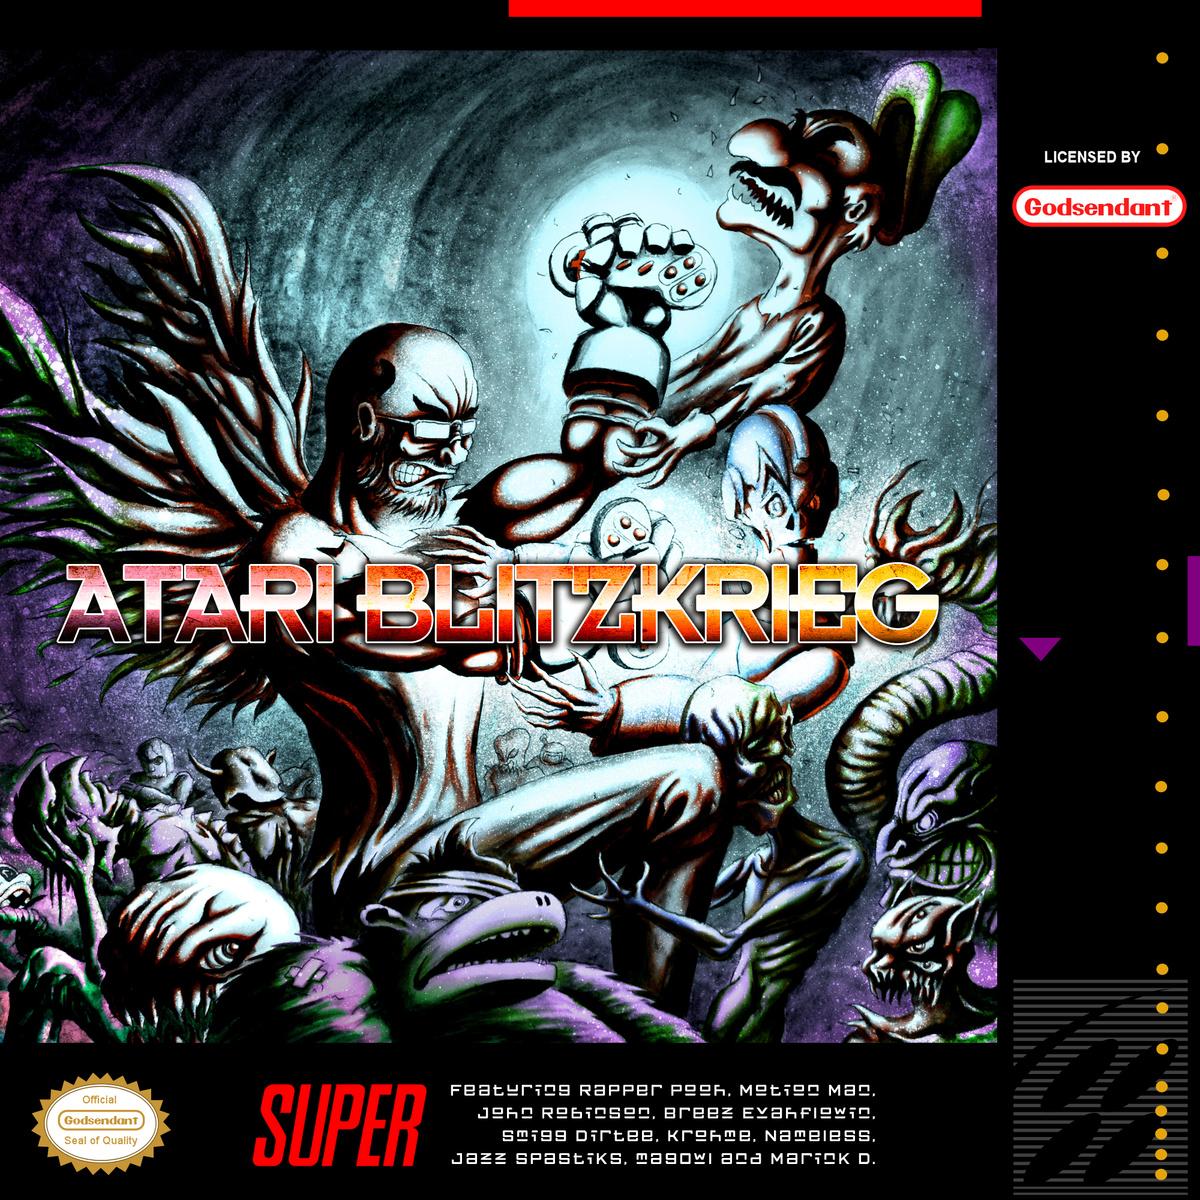 super-atari-blitzkrieg-hip-hop-vgm